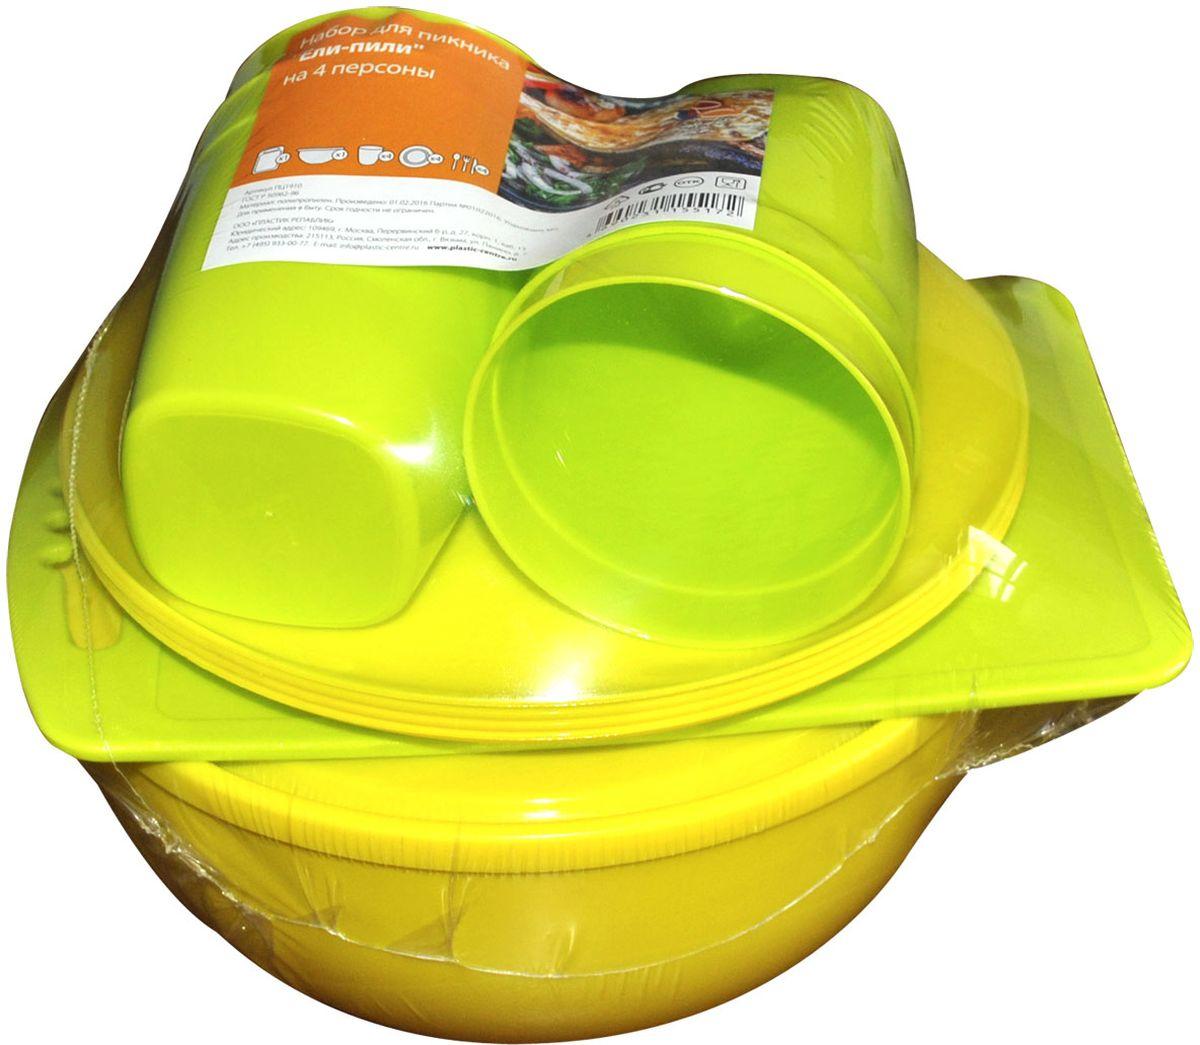 Набор для пикника Plastic Centre Ели-пили, на 4 персоны115610Набор прекрасно подойдет для организации пикника на природе на 4 человека. Разделочная доска пригодится для резки овощей и зелени. В объемную миску с крышкой хорошо сложить приготовленный шашлык, а столовых приборов, стаканов и маленьких салатников хватит на целую компанию. Легкий и прочный пластик подходит для многократного использования.В набор входят: глубокая миска с крышкой, разделочная доска, 4 ложки, 4 вилки, 4 ножа, 4 тарелки, 4 стакана.